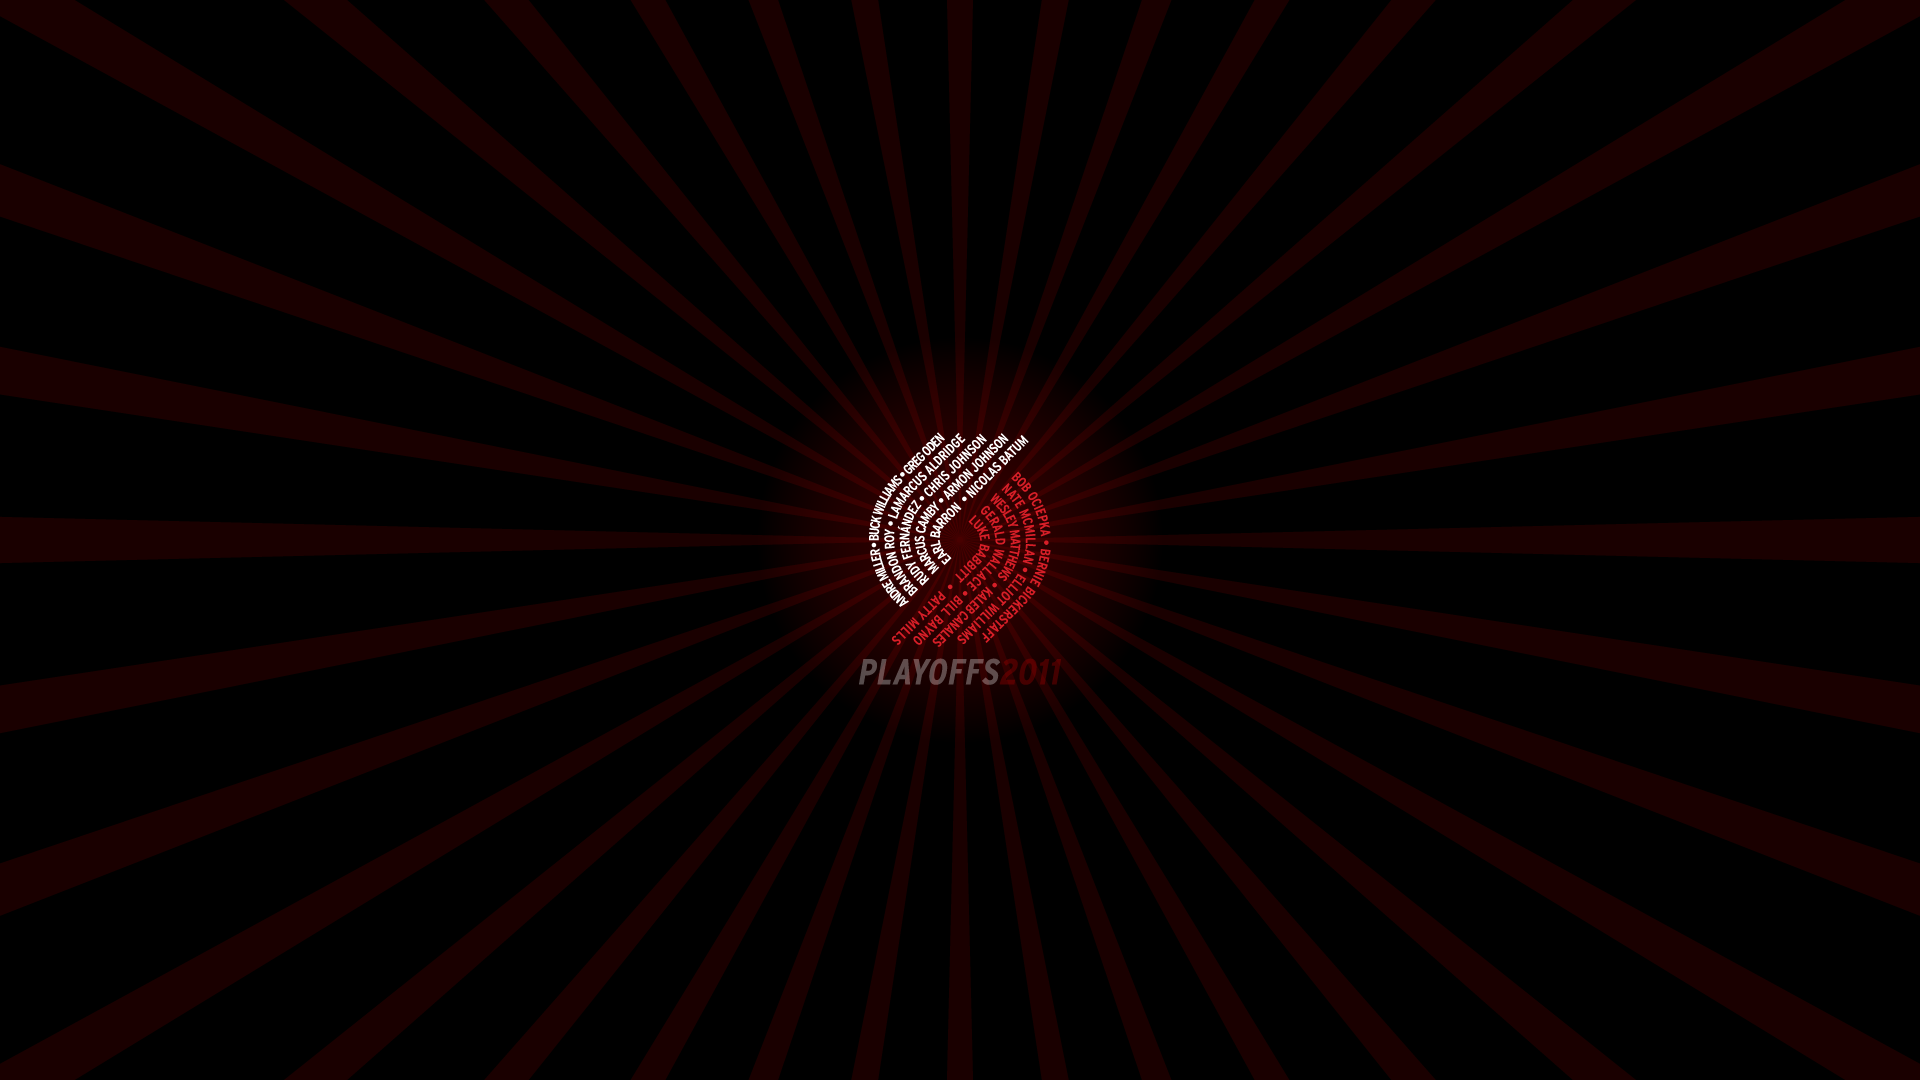 Blazers Playoffs2011 1920x1080 by rossconkey